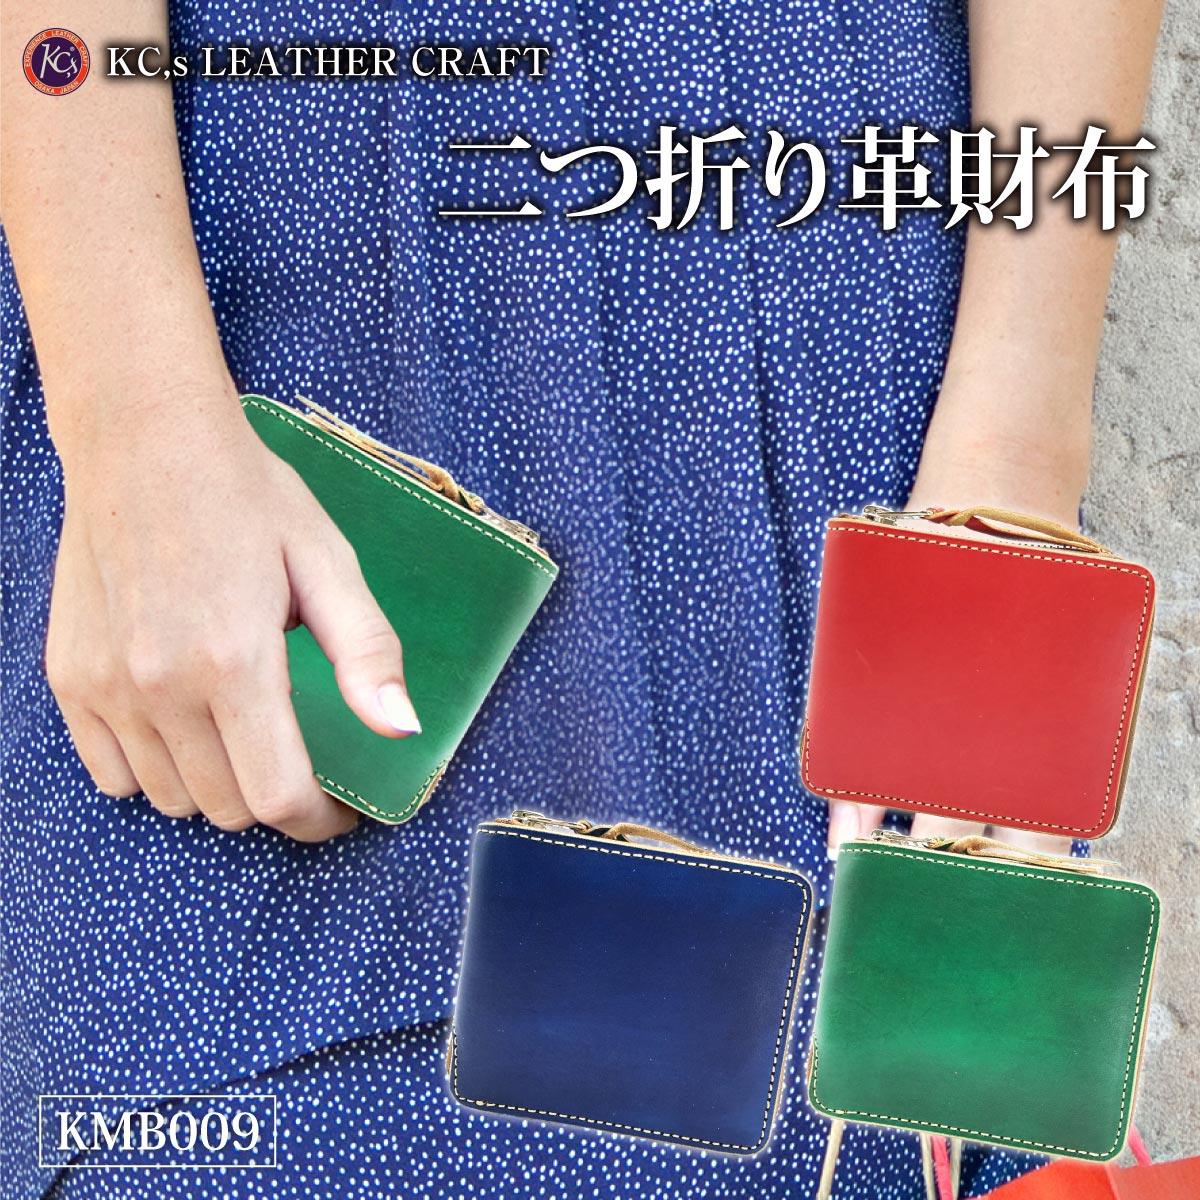 二つ折り革財布 財布 メンズ レディース ラウンドファスナー 牛革 革 レザー KC,s ケーシーズ ケイシイズ ラウンドジップウォレット kmb009